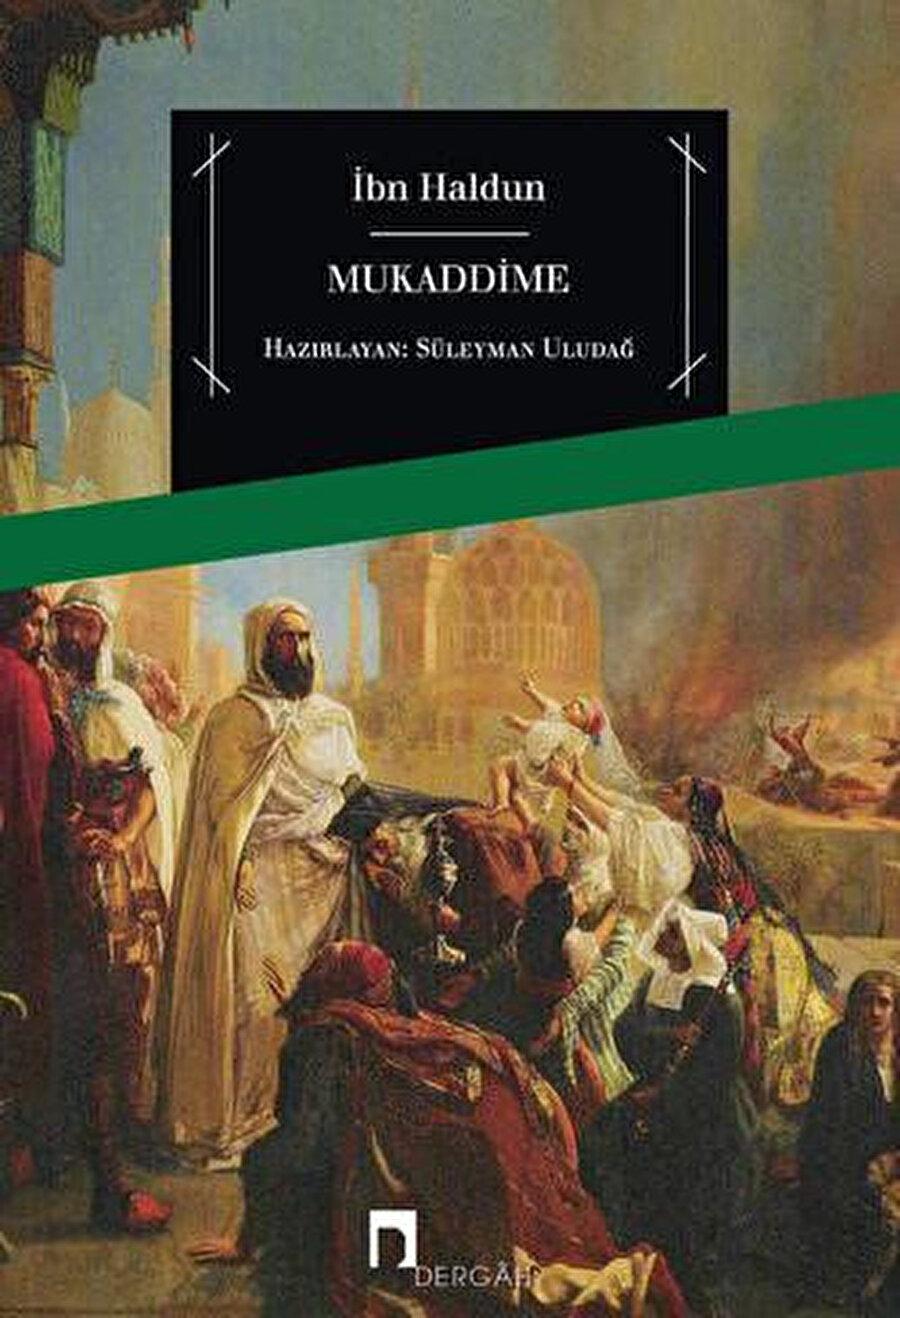 Prof. Süleyman Uludağ tarafından yayına hazırlanan Mukaddime tercümesinin kapağı.